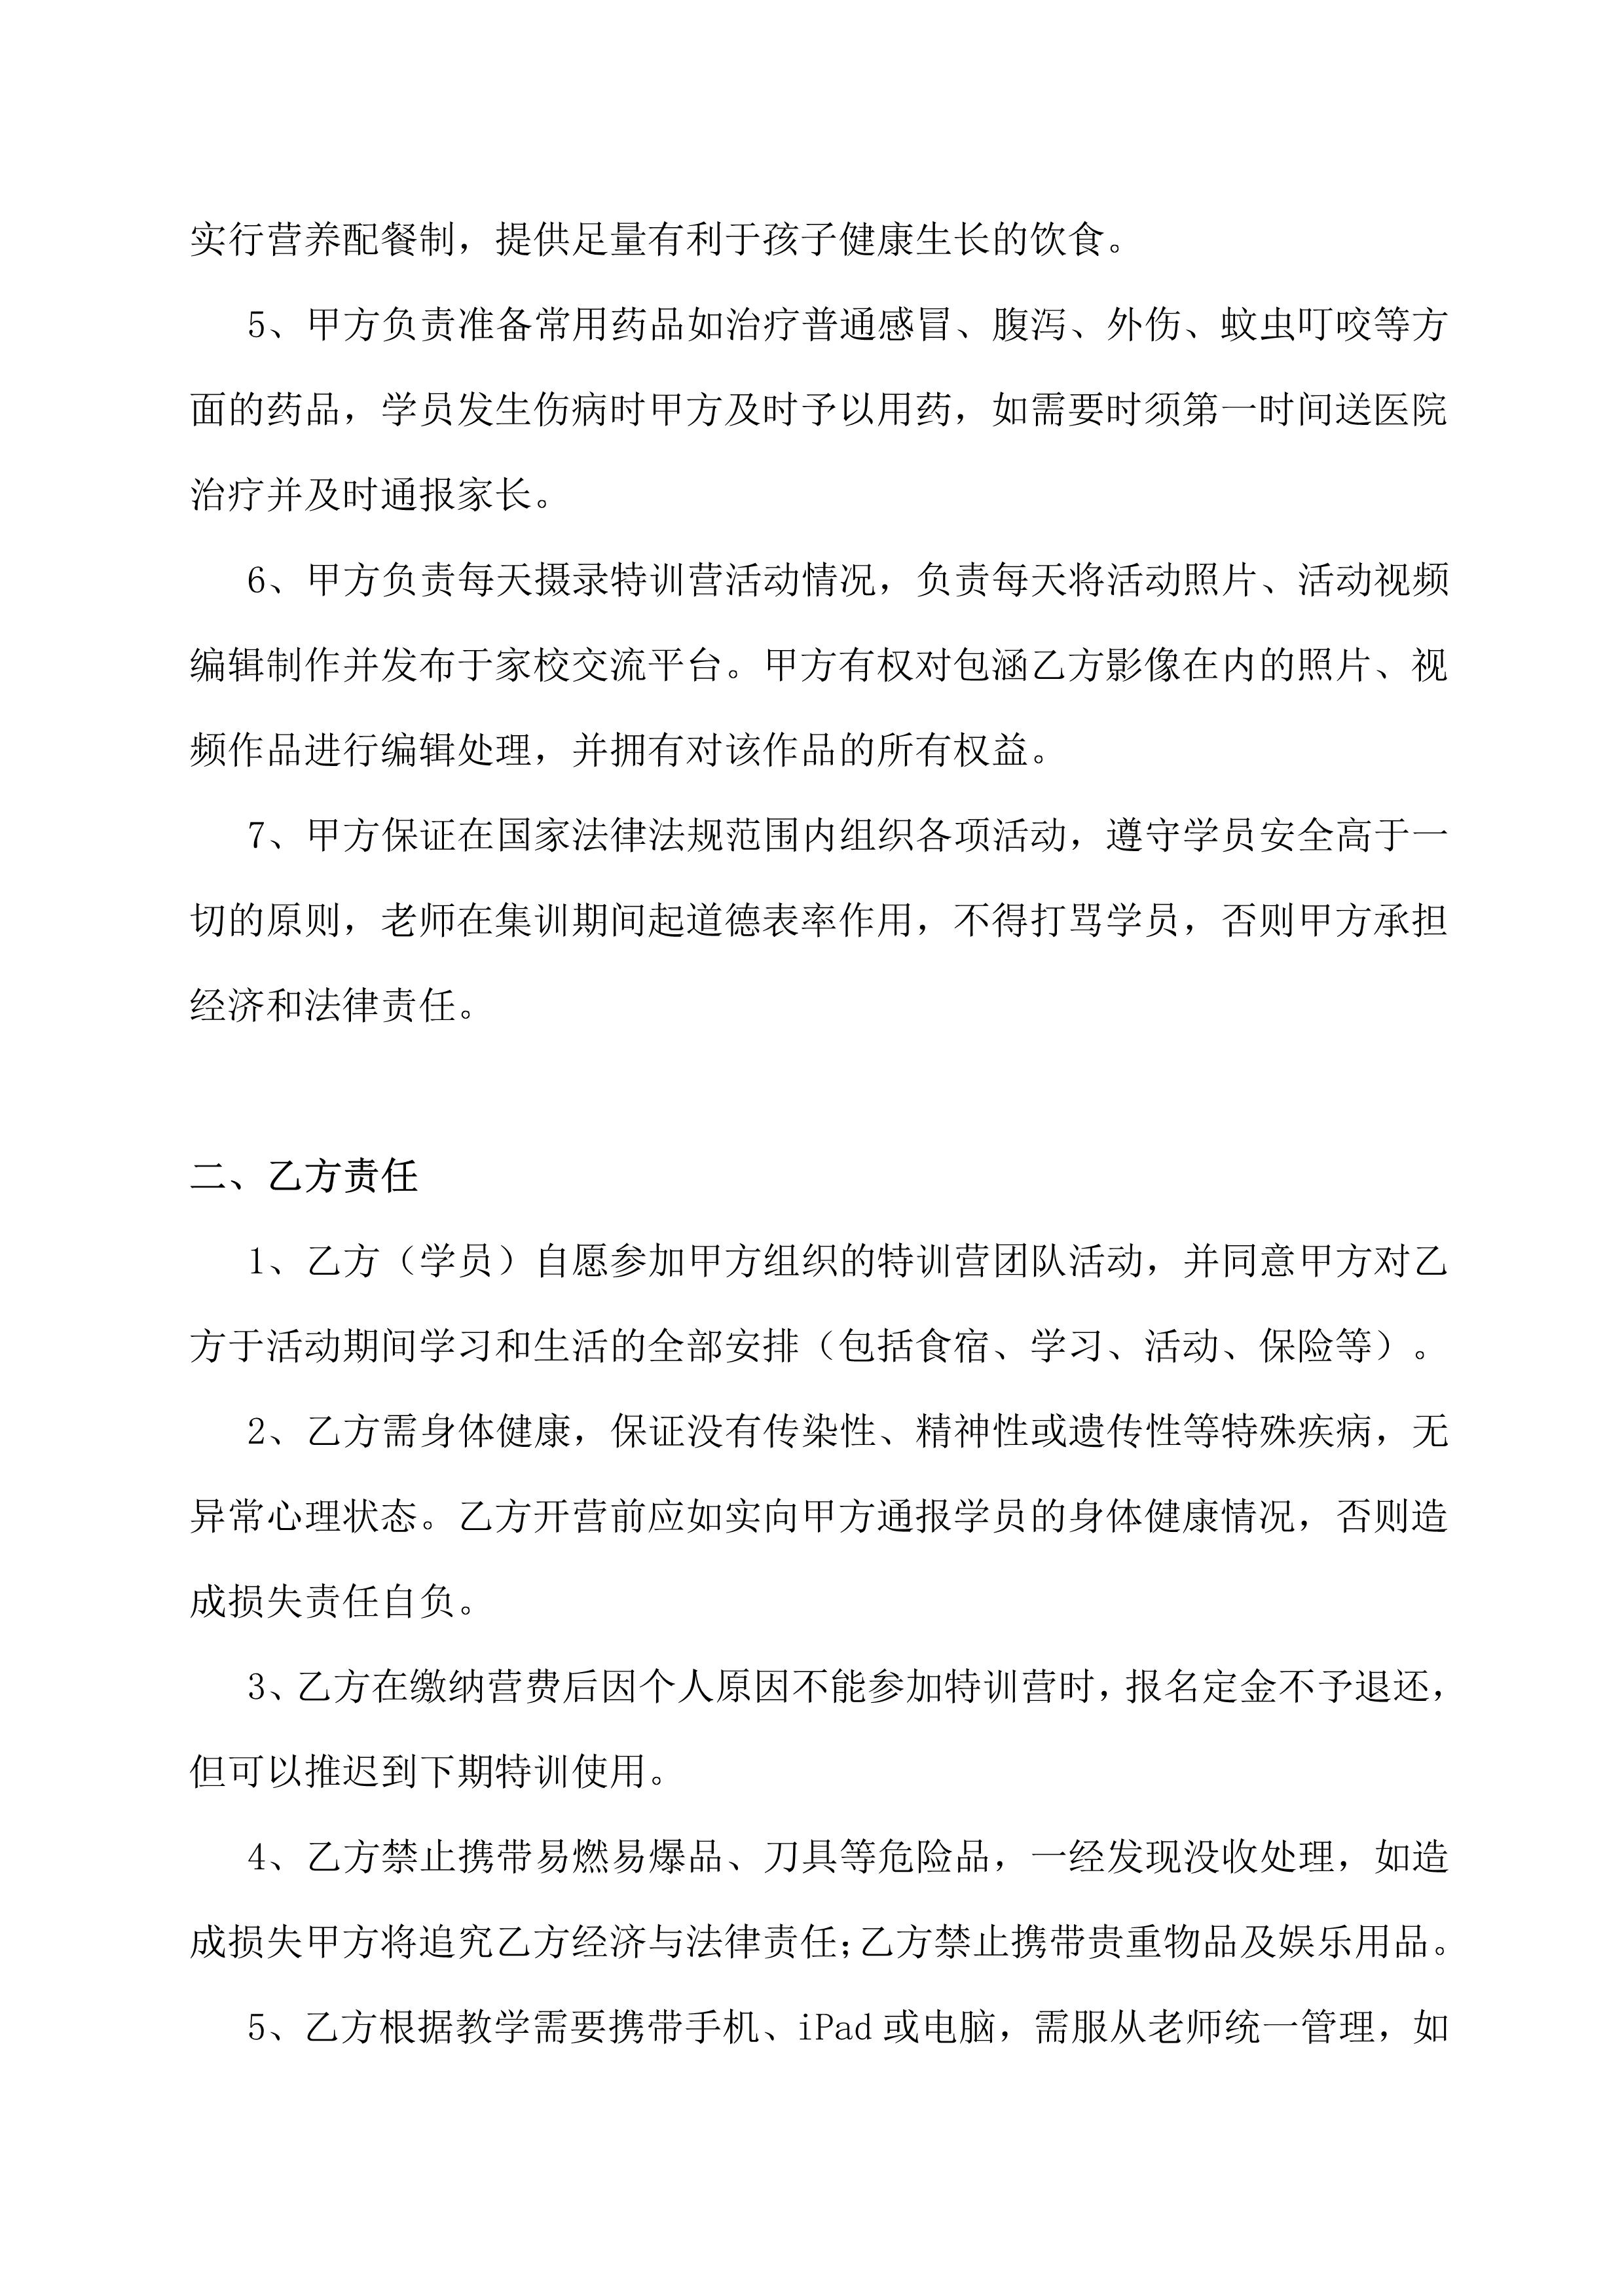 2020中国奇速英语国际精英特训营第18期冬令营 关于安全问题告家长书